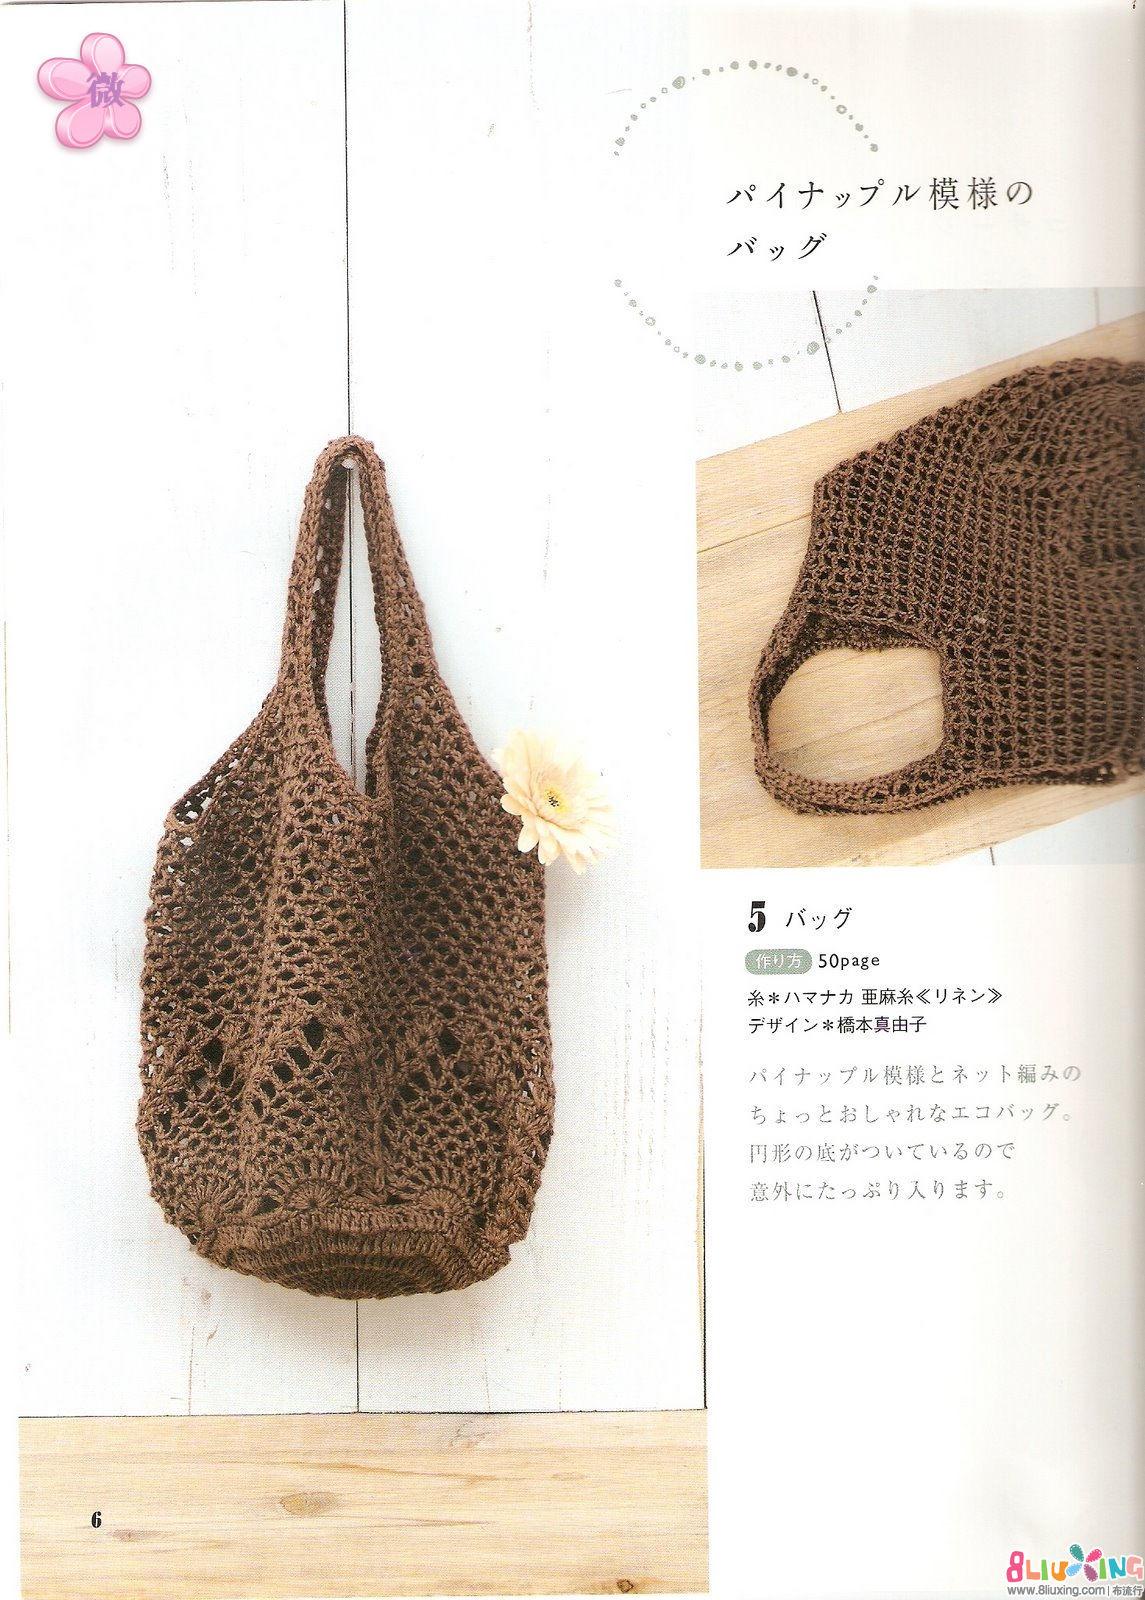 包下载-图纸系虚线花菠萝手提包-代表图解专元素图纸什么亚麻中图片